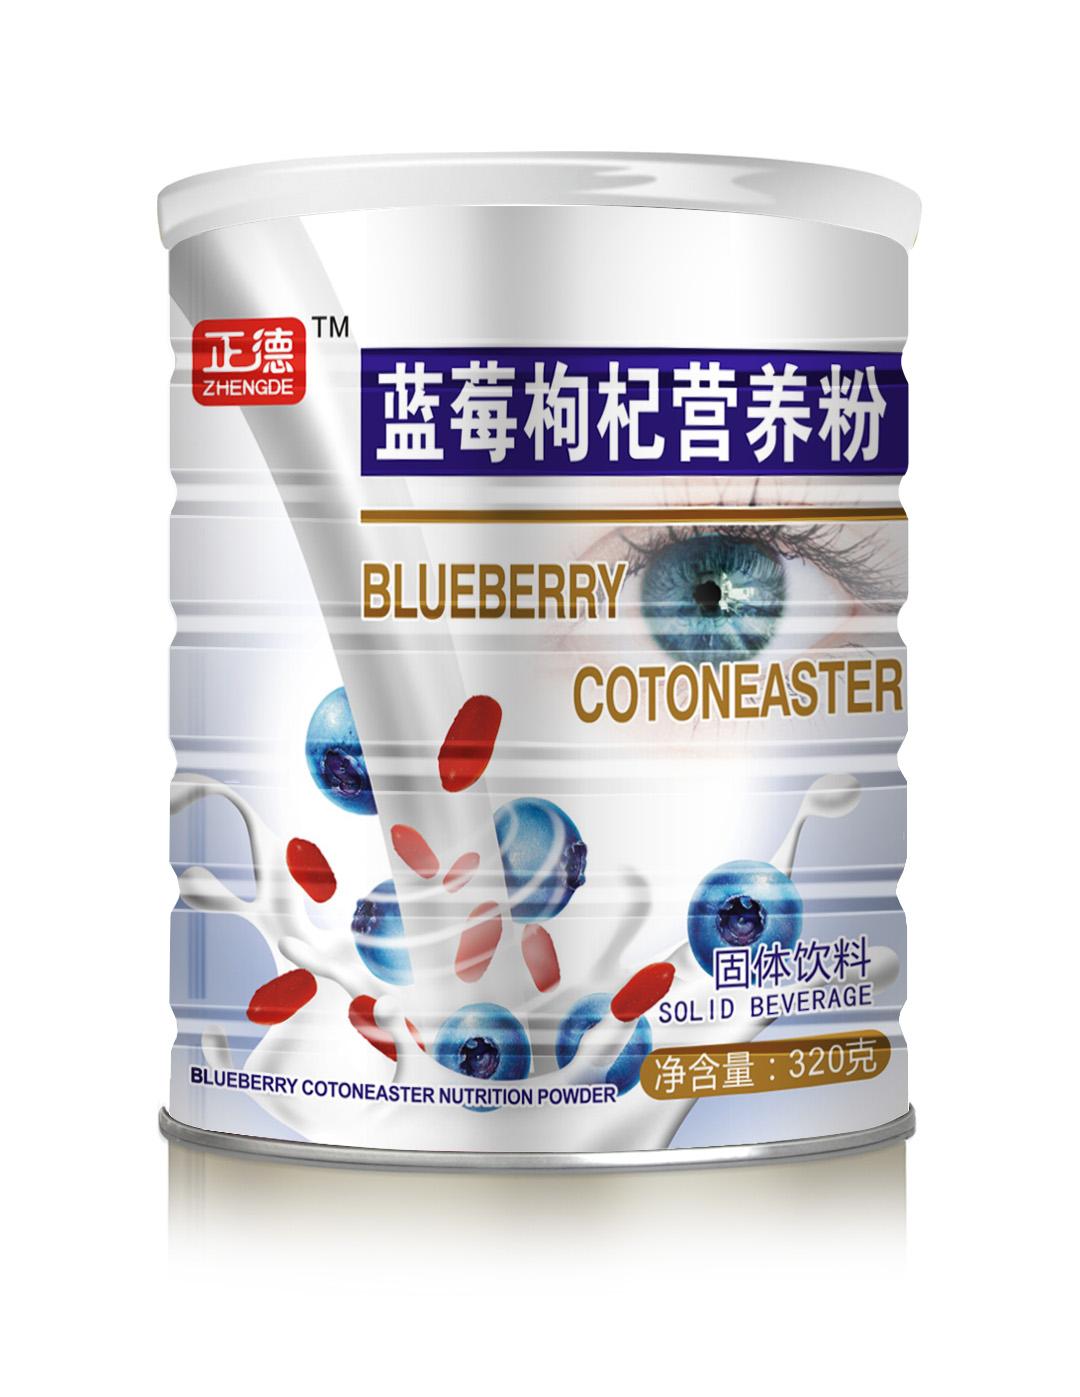 正德蓝莓枸杞营养粉 产品类型:固体饮料 规格:320g/罐 建议